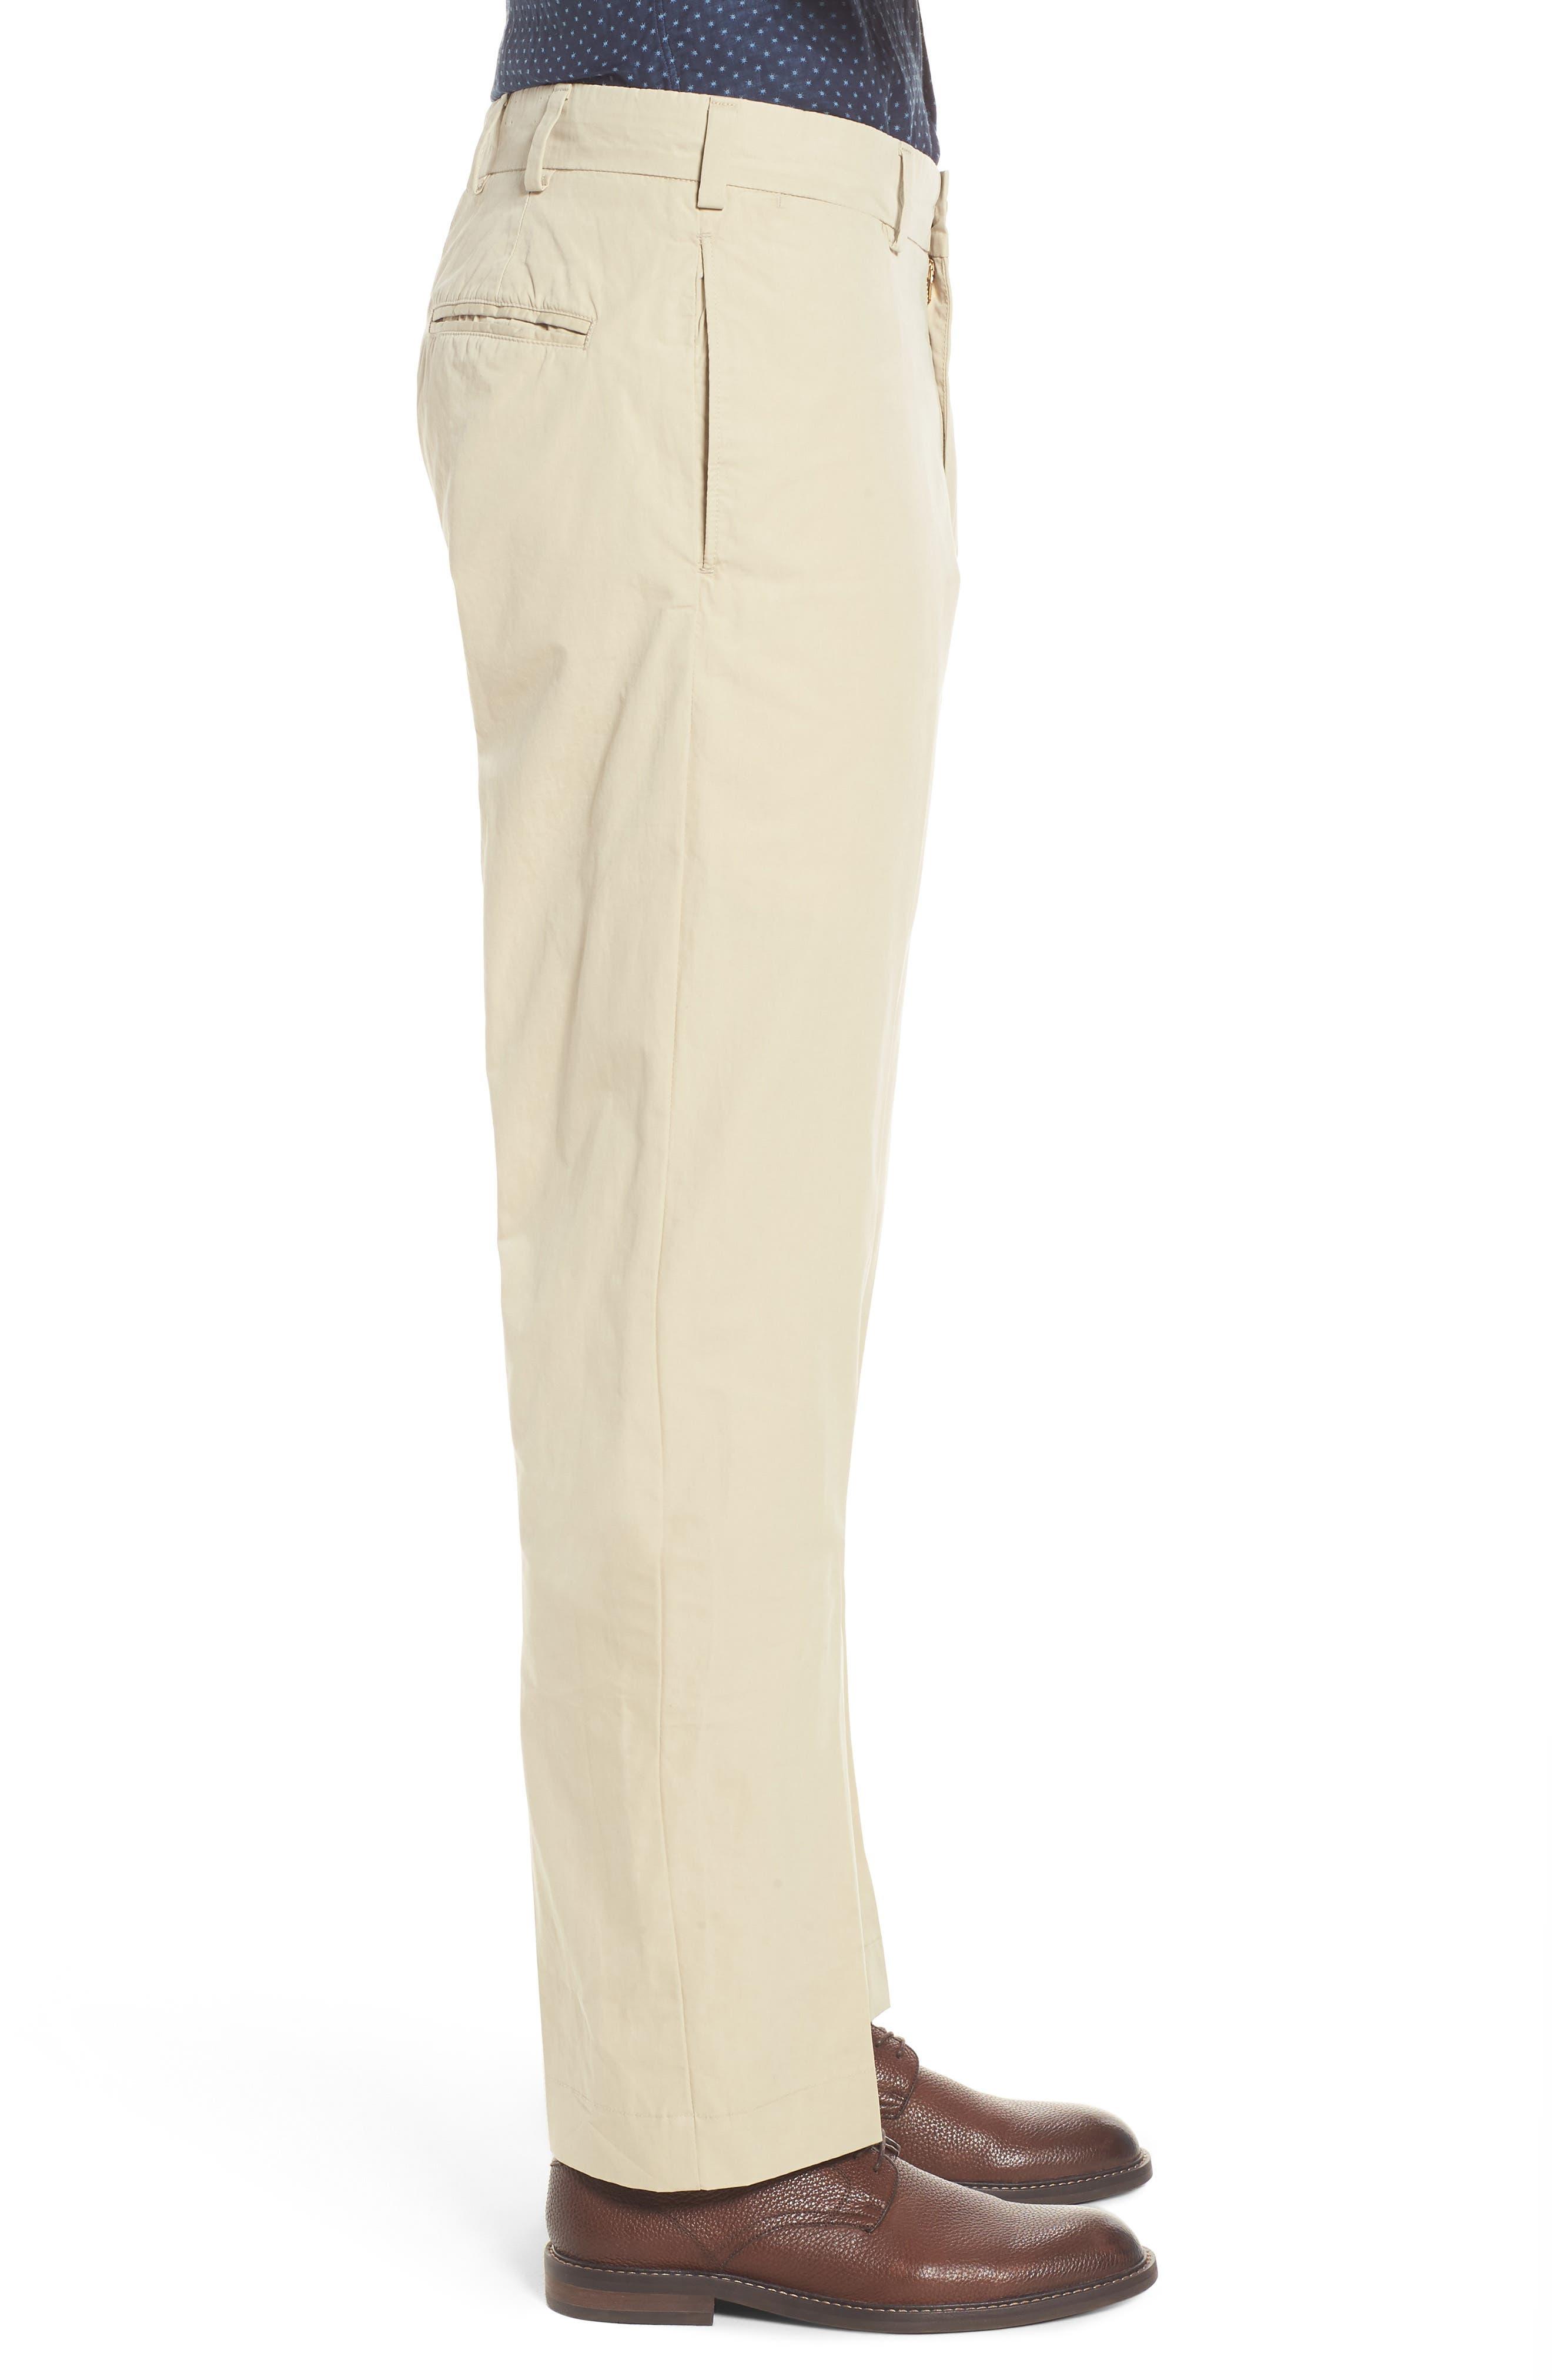 M2 Classic Fit Flat Front Tropical Cotton Poplin Pants,                             Alternate thumbnail 3, color,                             Khaki